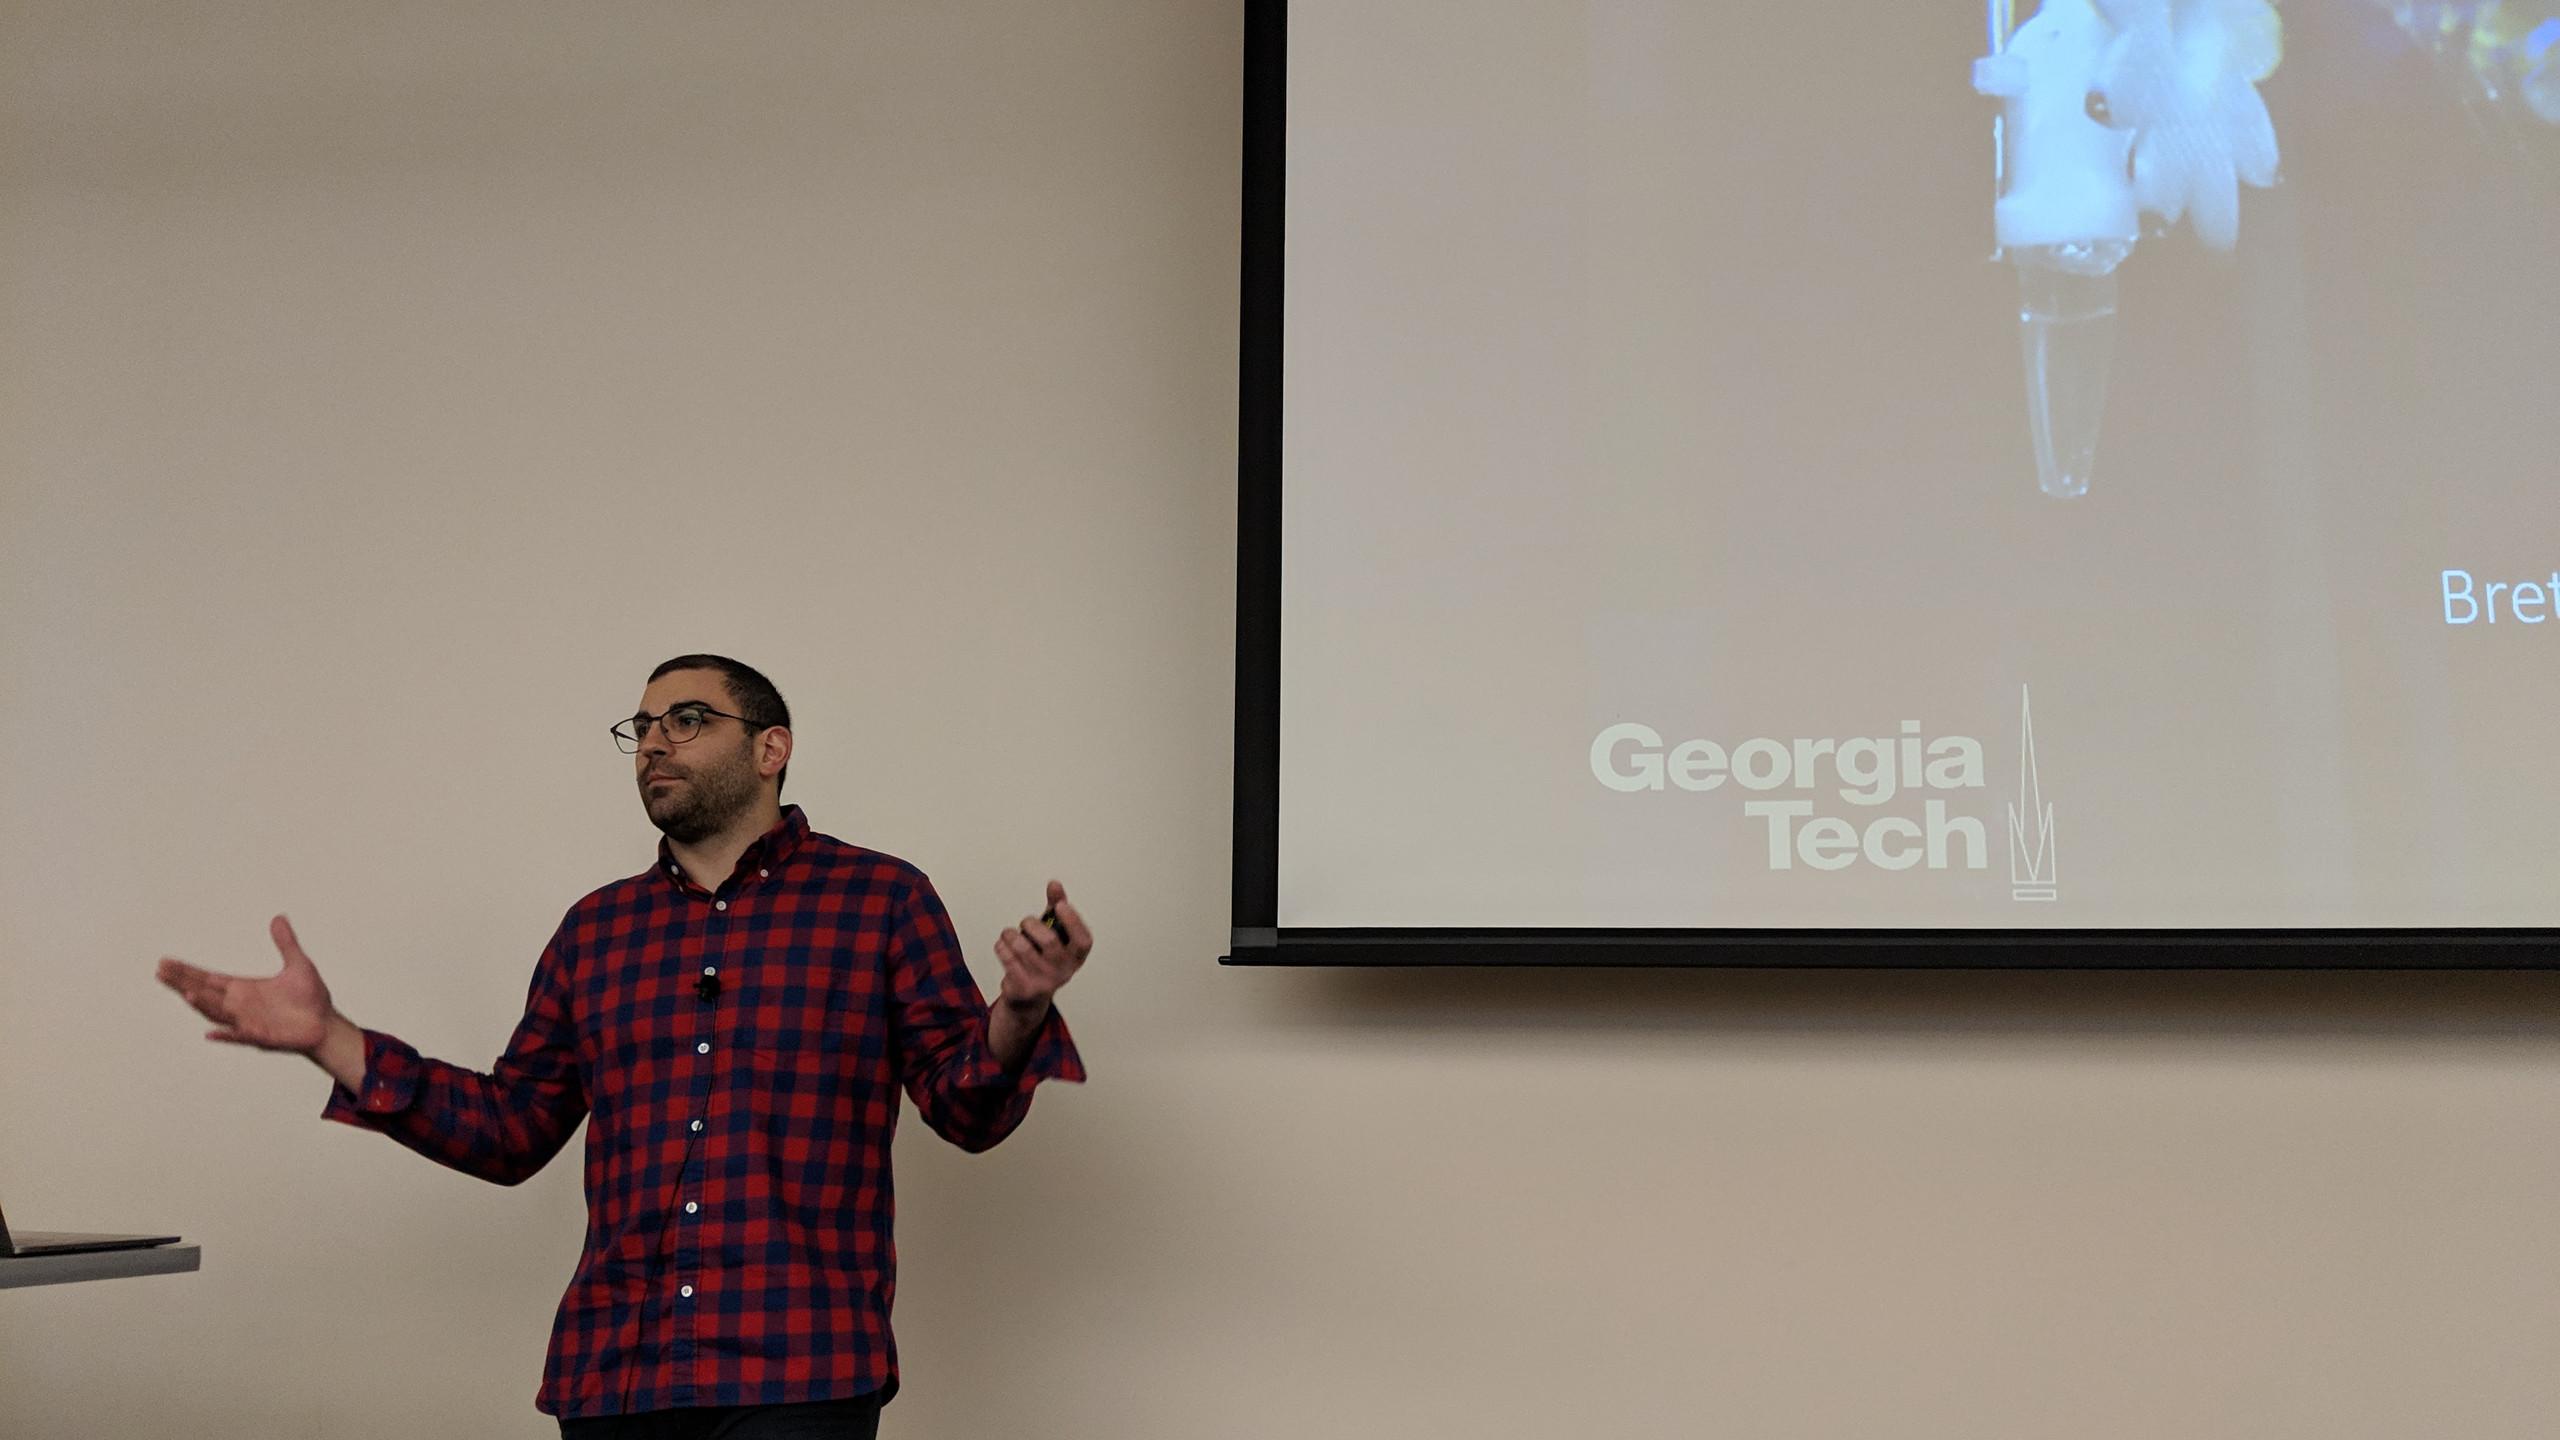 Dr. Aiello gives a seminar